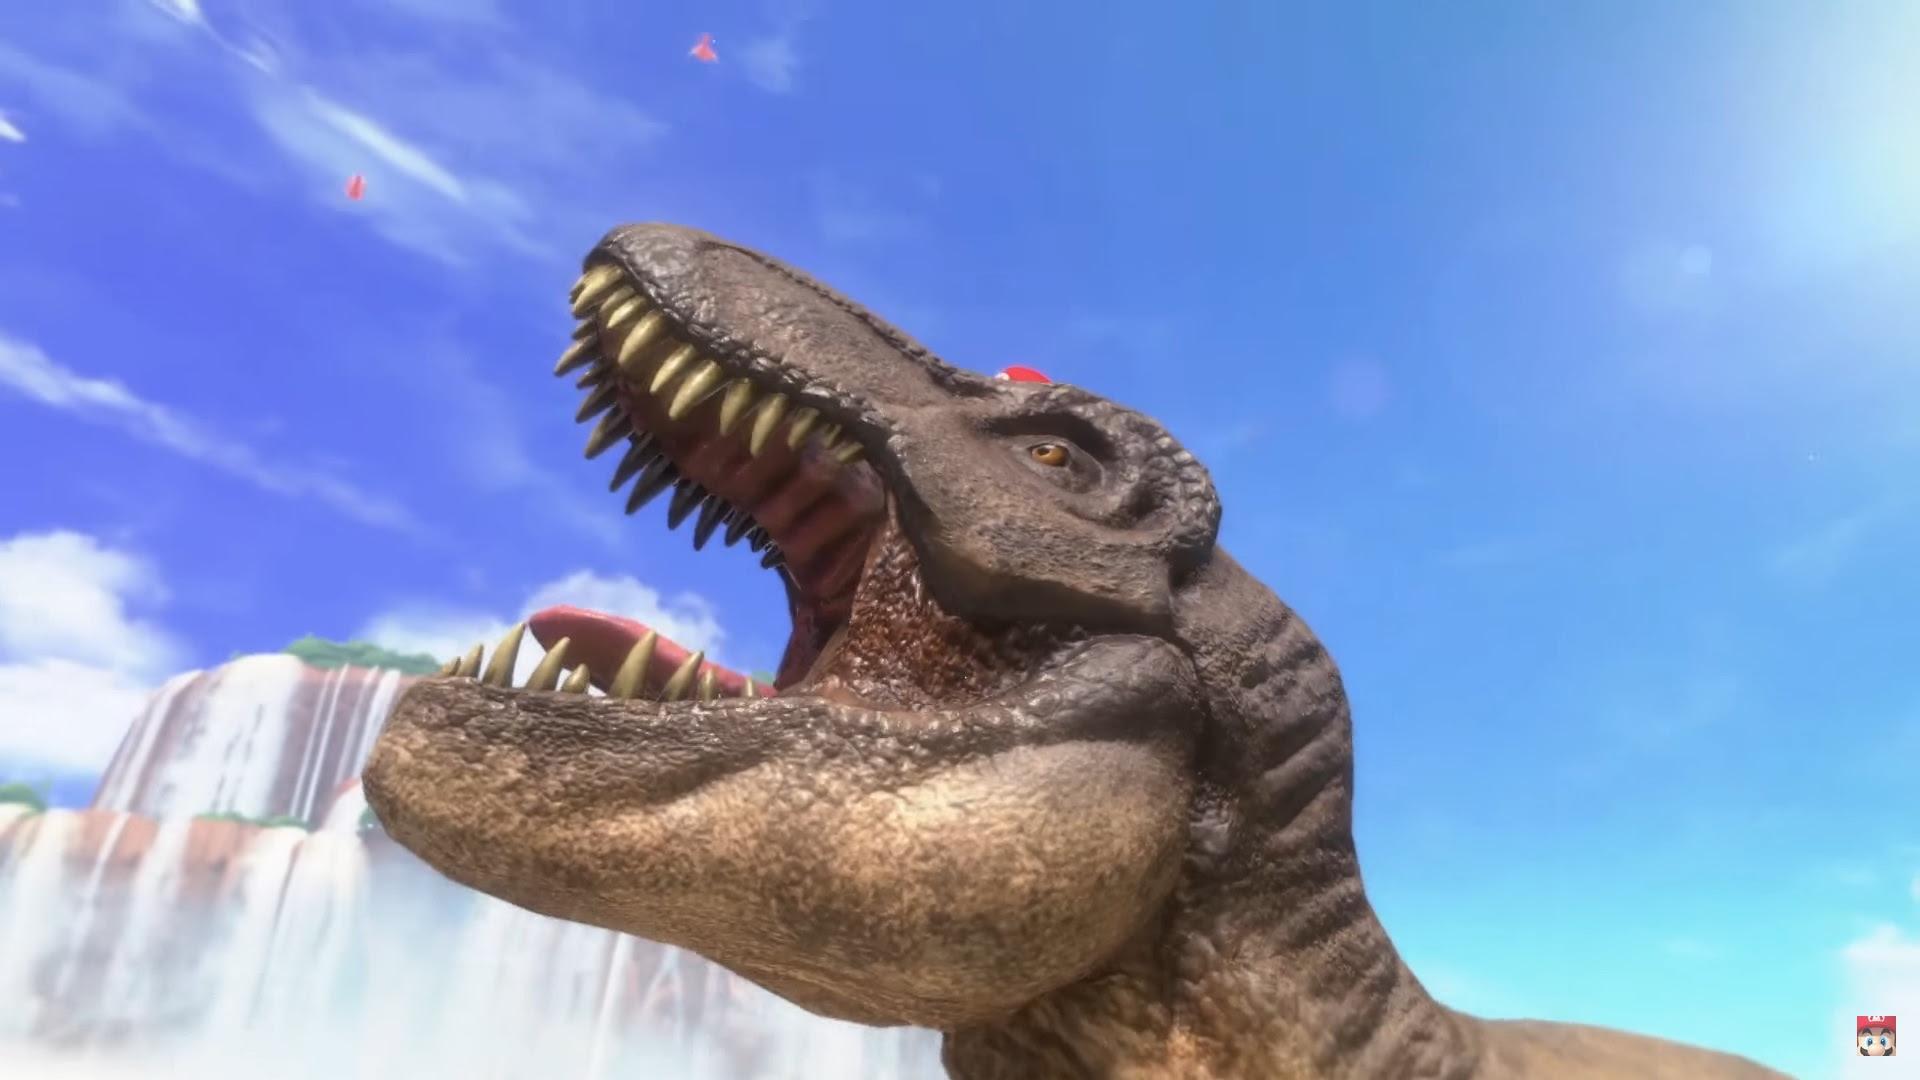 There's a friggin T-rex in Super Mario Odyssey screenshot